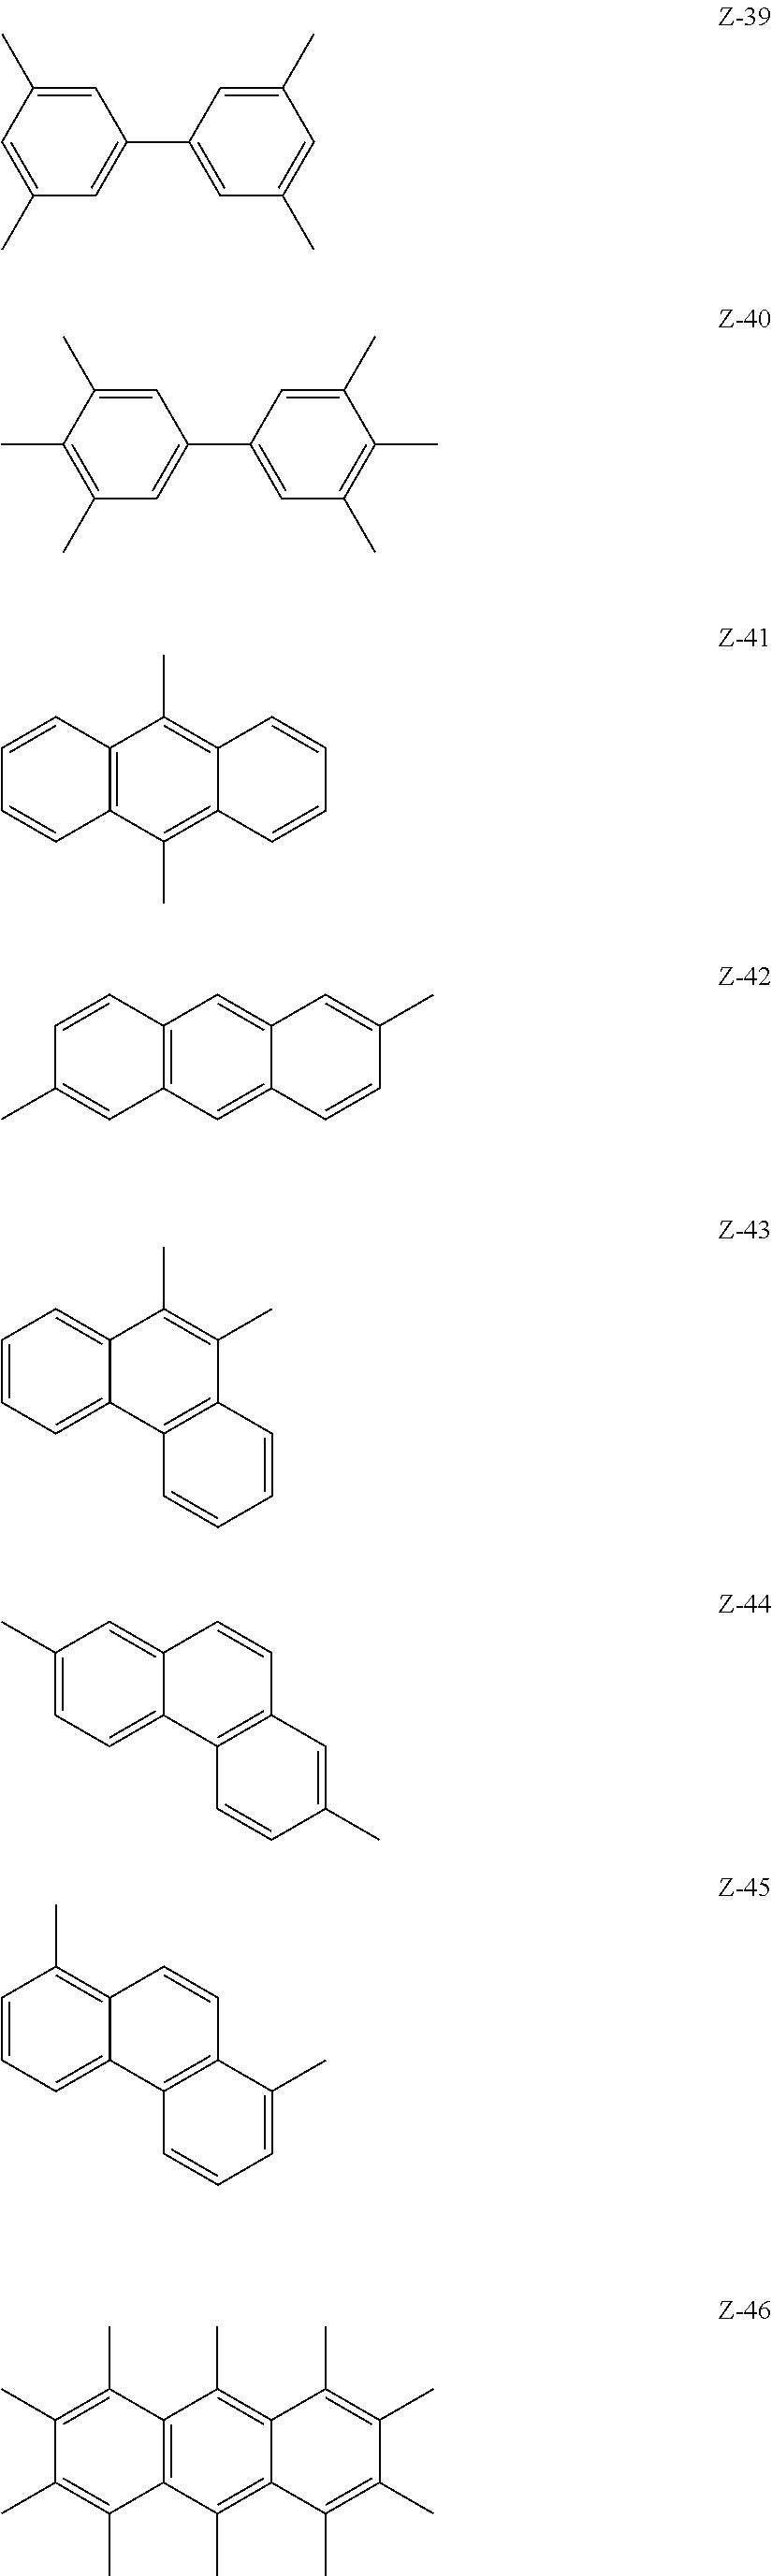 Figure US20110215312A1-20110908-C00036